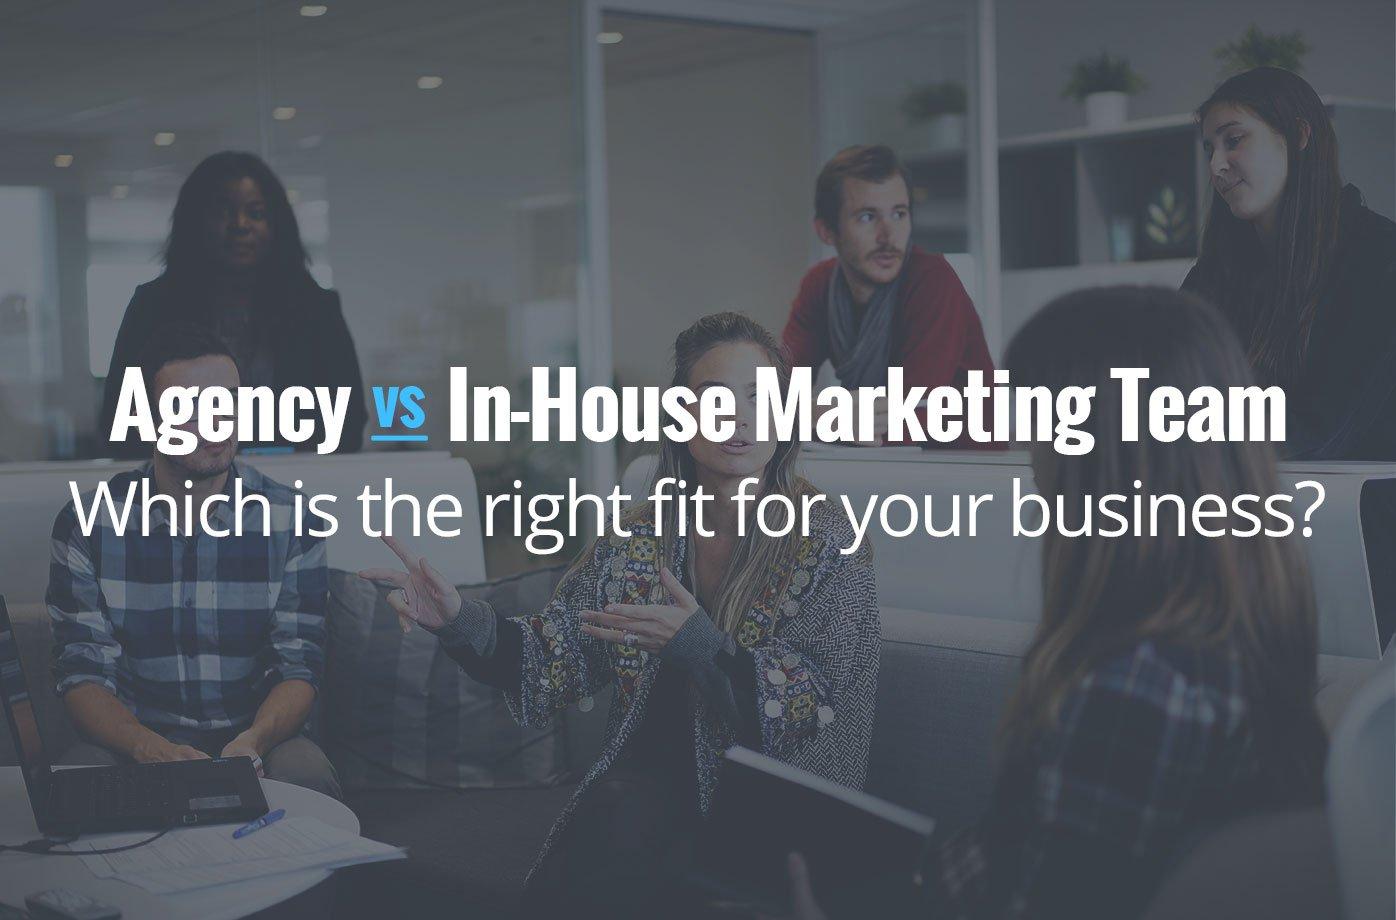 agency vs in-house marketing